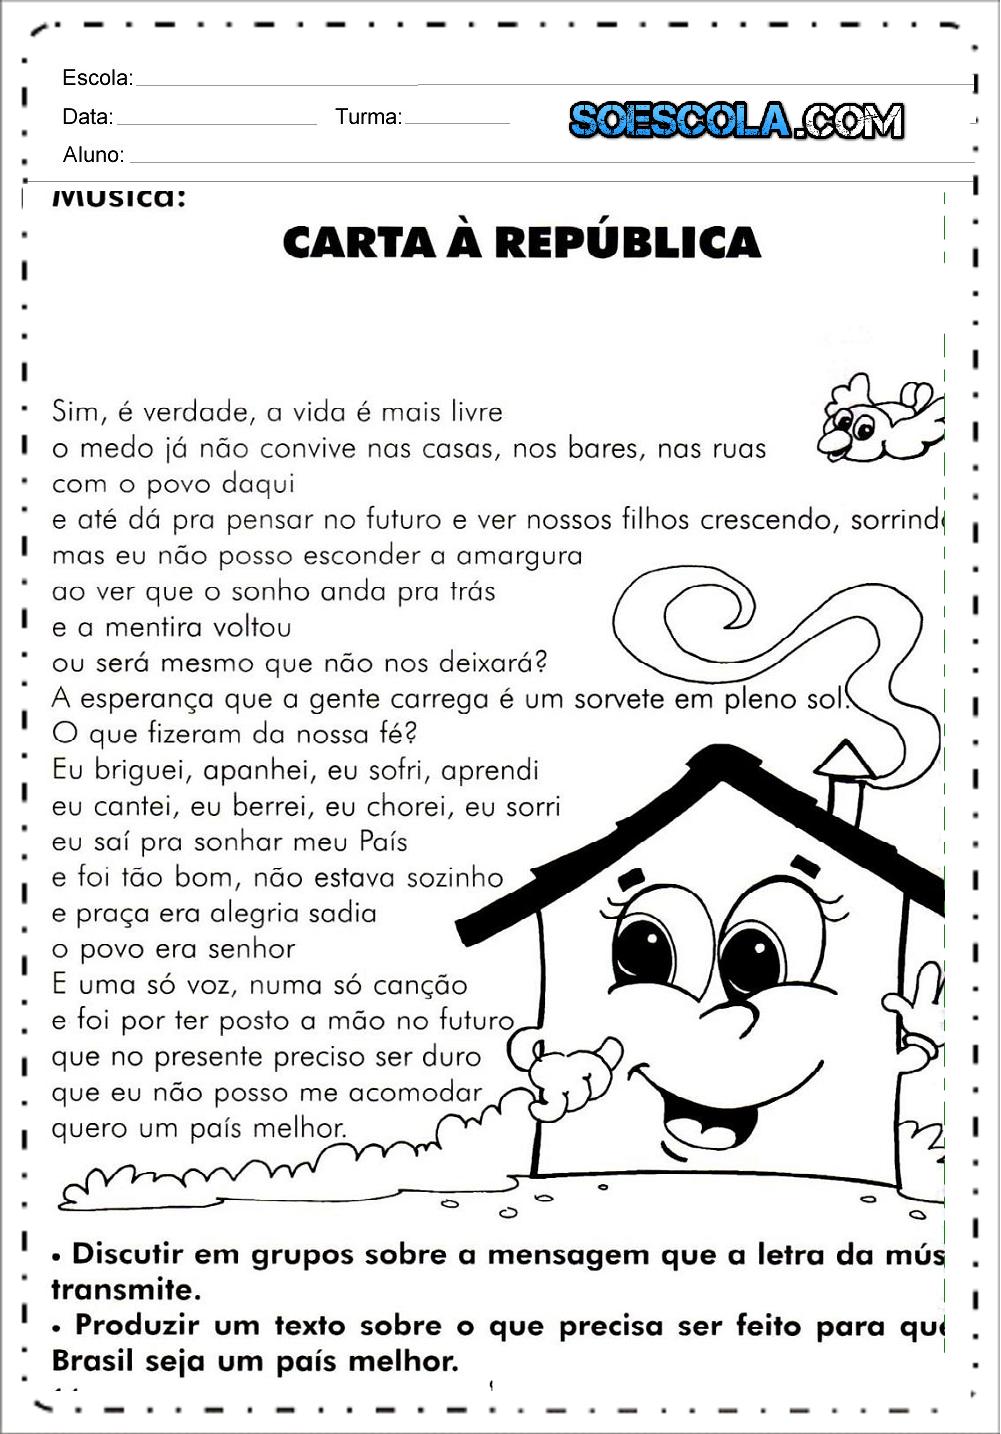 Proclamação da Republica - Texto e Atividades - 15 de Novembro.